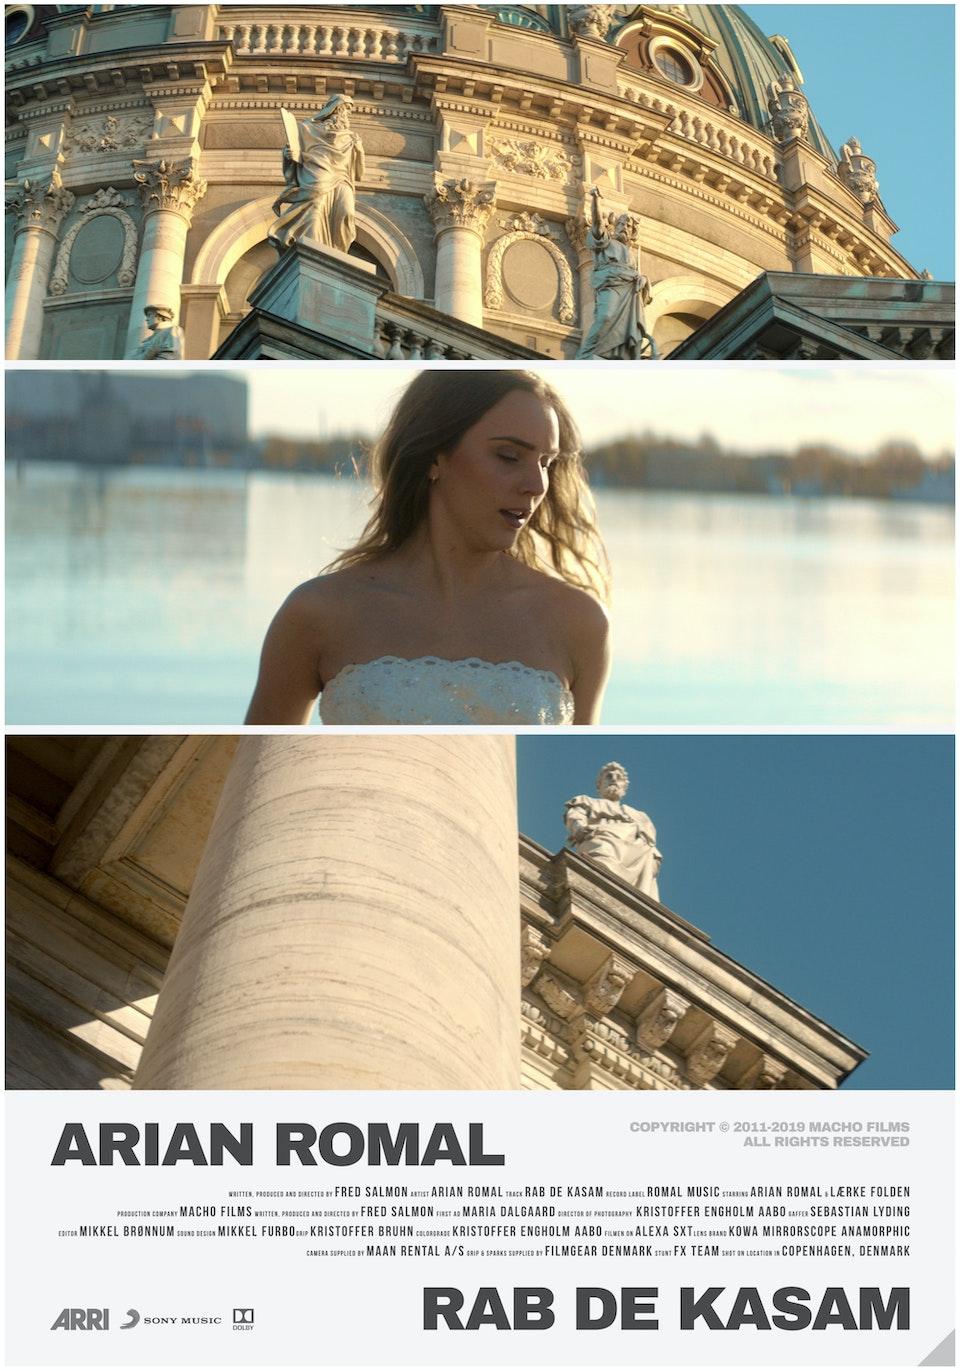 M A C H O - Arian Romal // Rab De Quasam